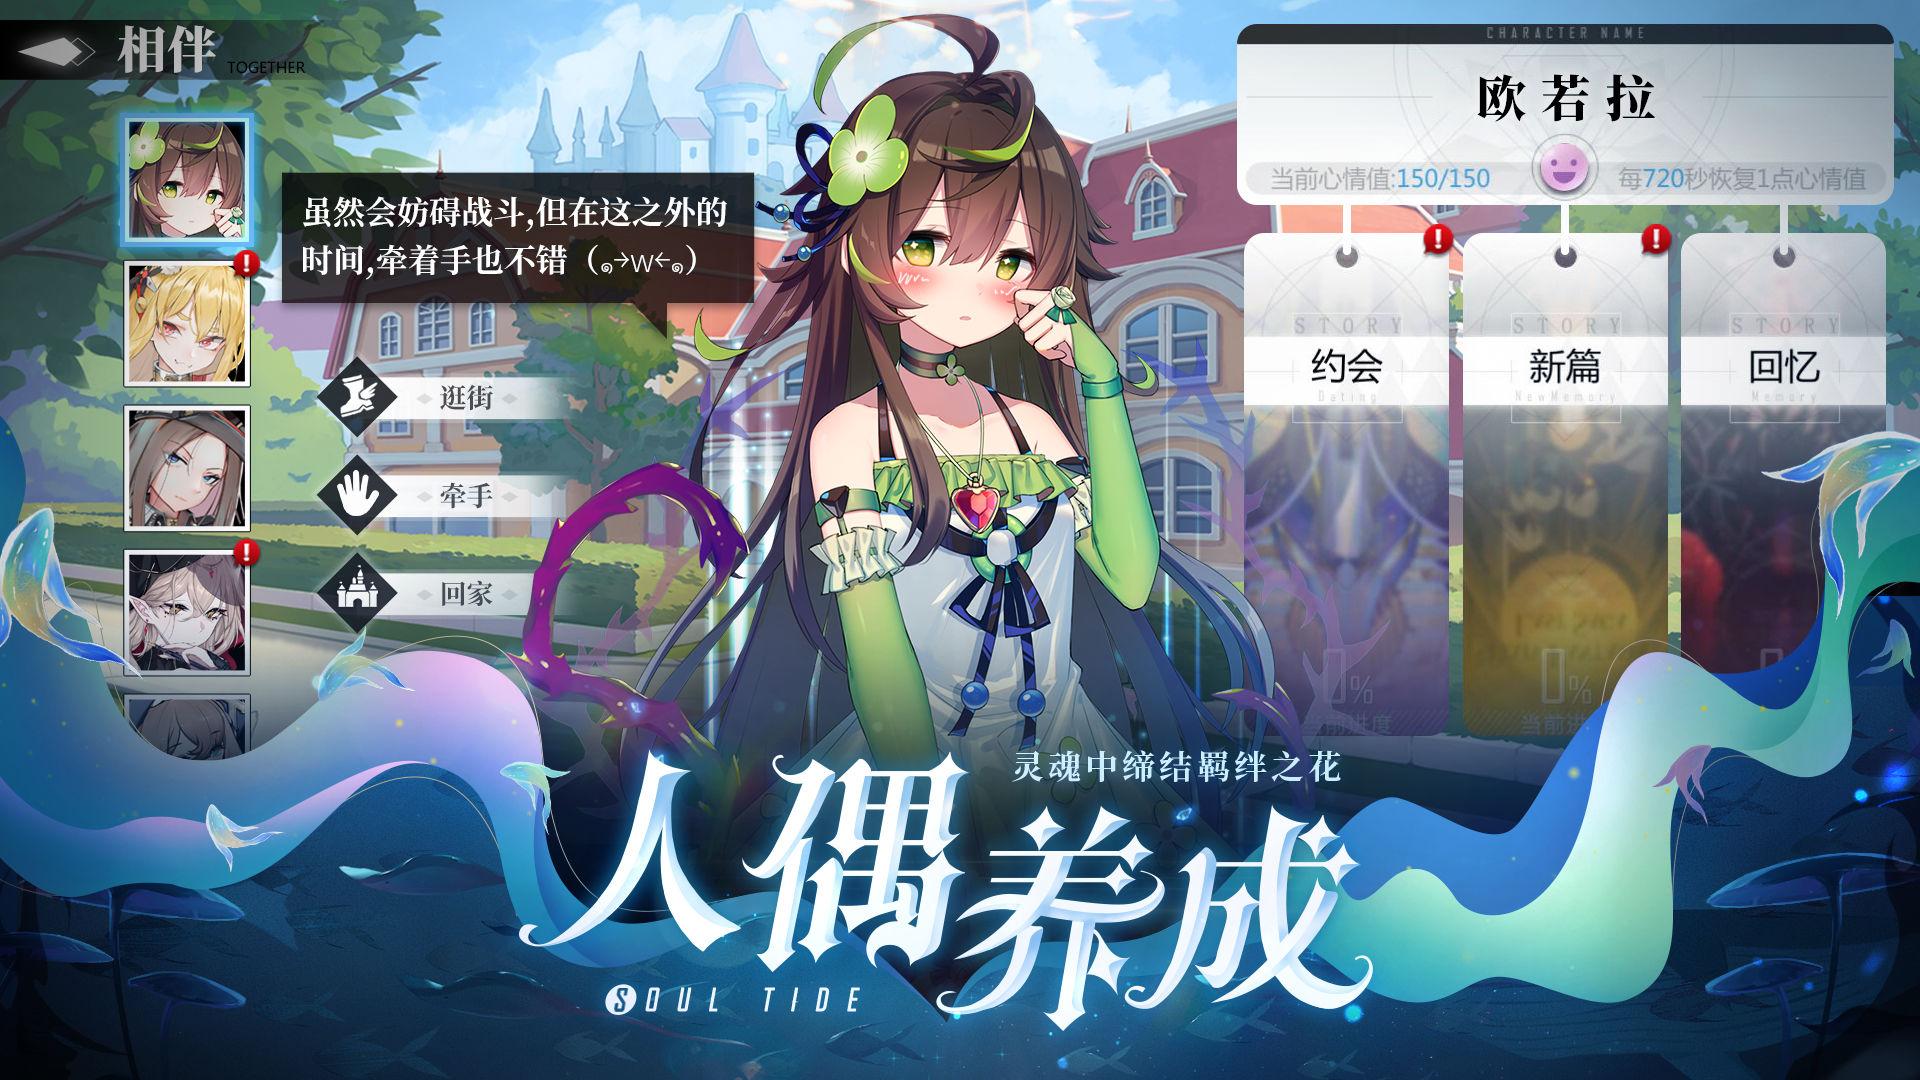 b32deb8020d936d9228b0c90896ea18d.jpg